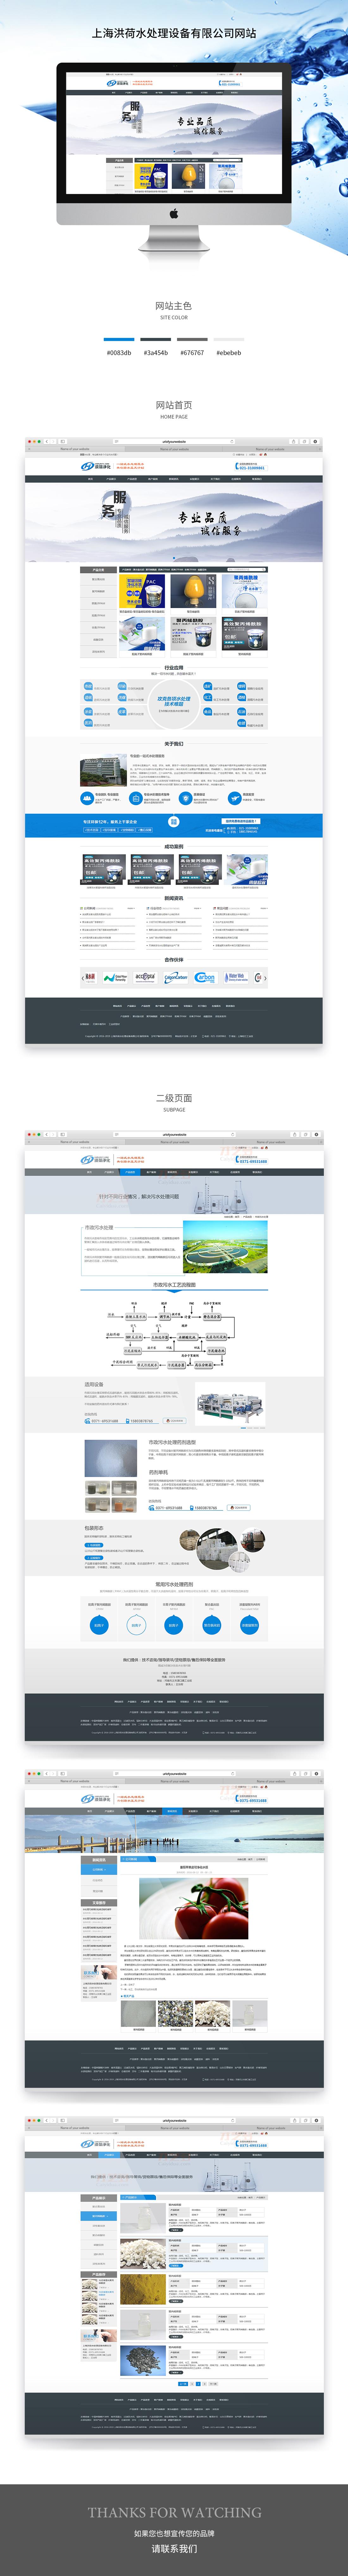 效果图-公司网站案例23详情页